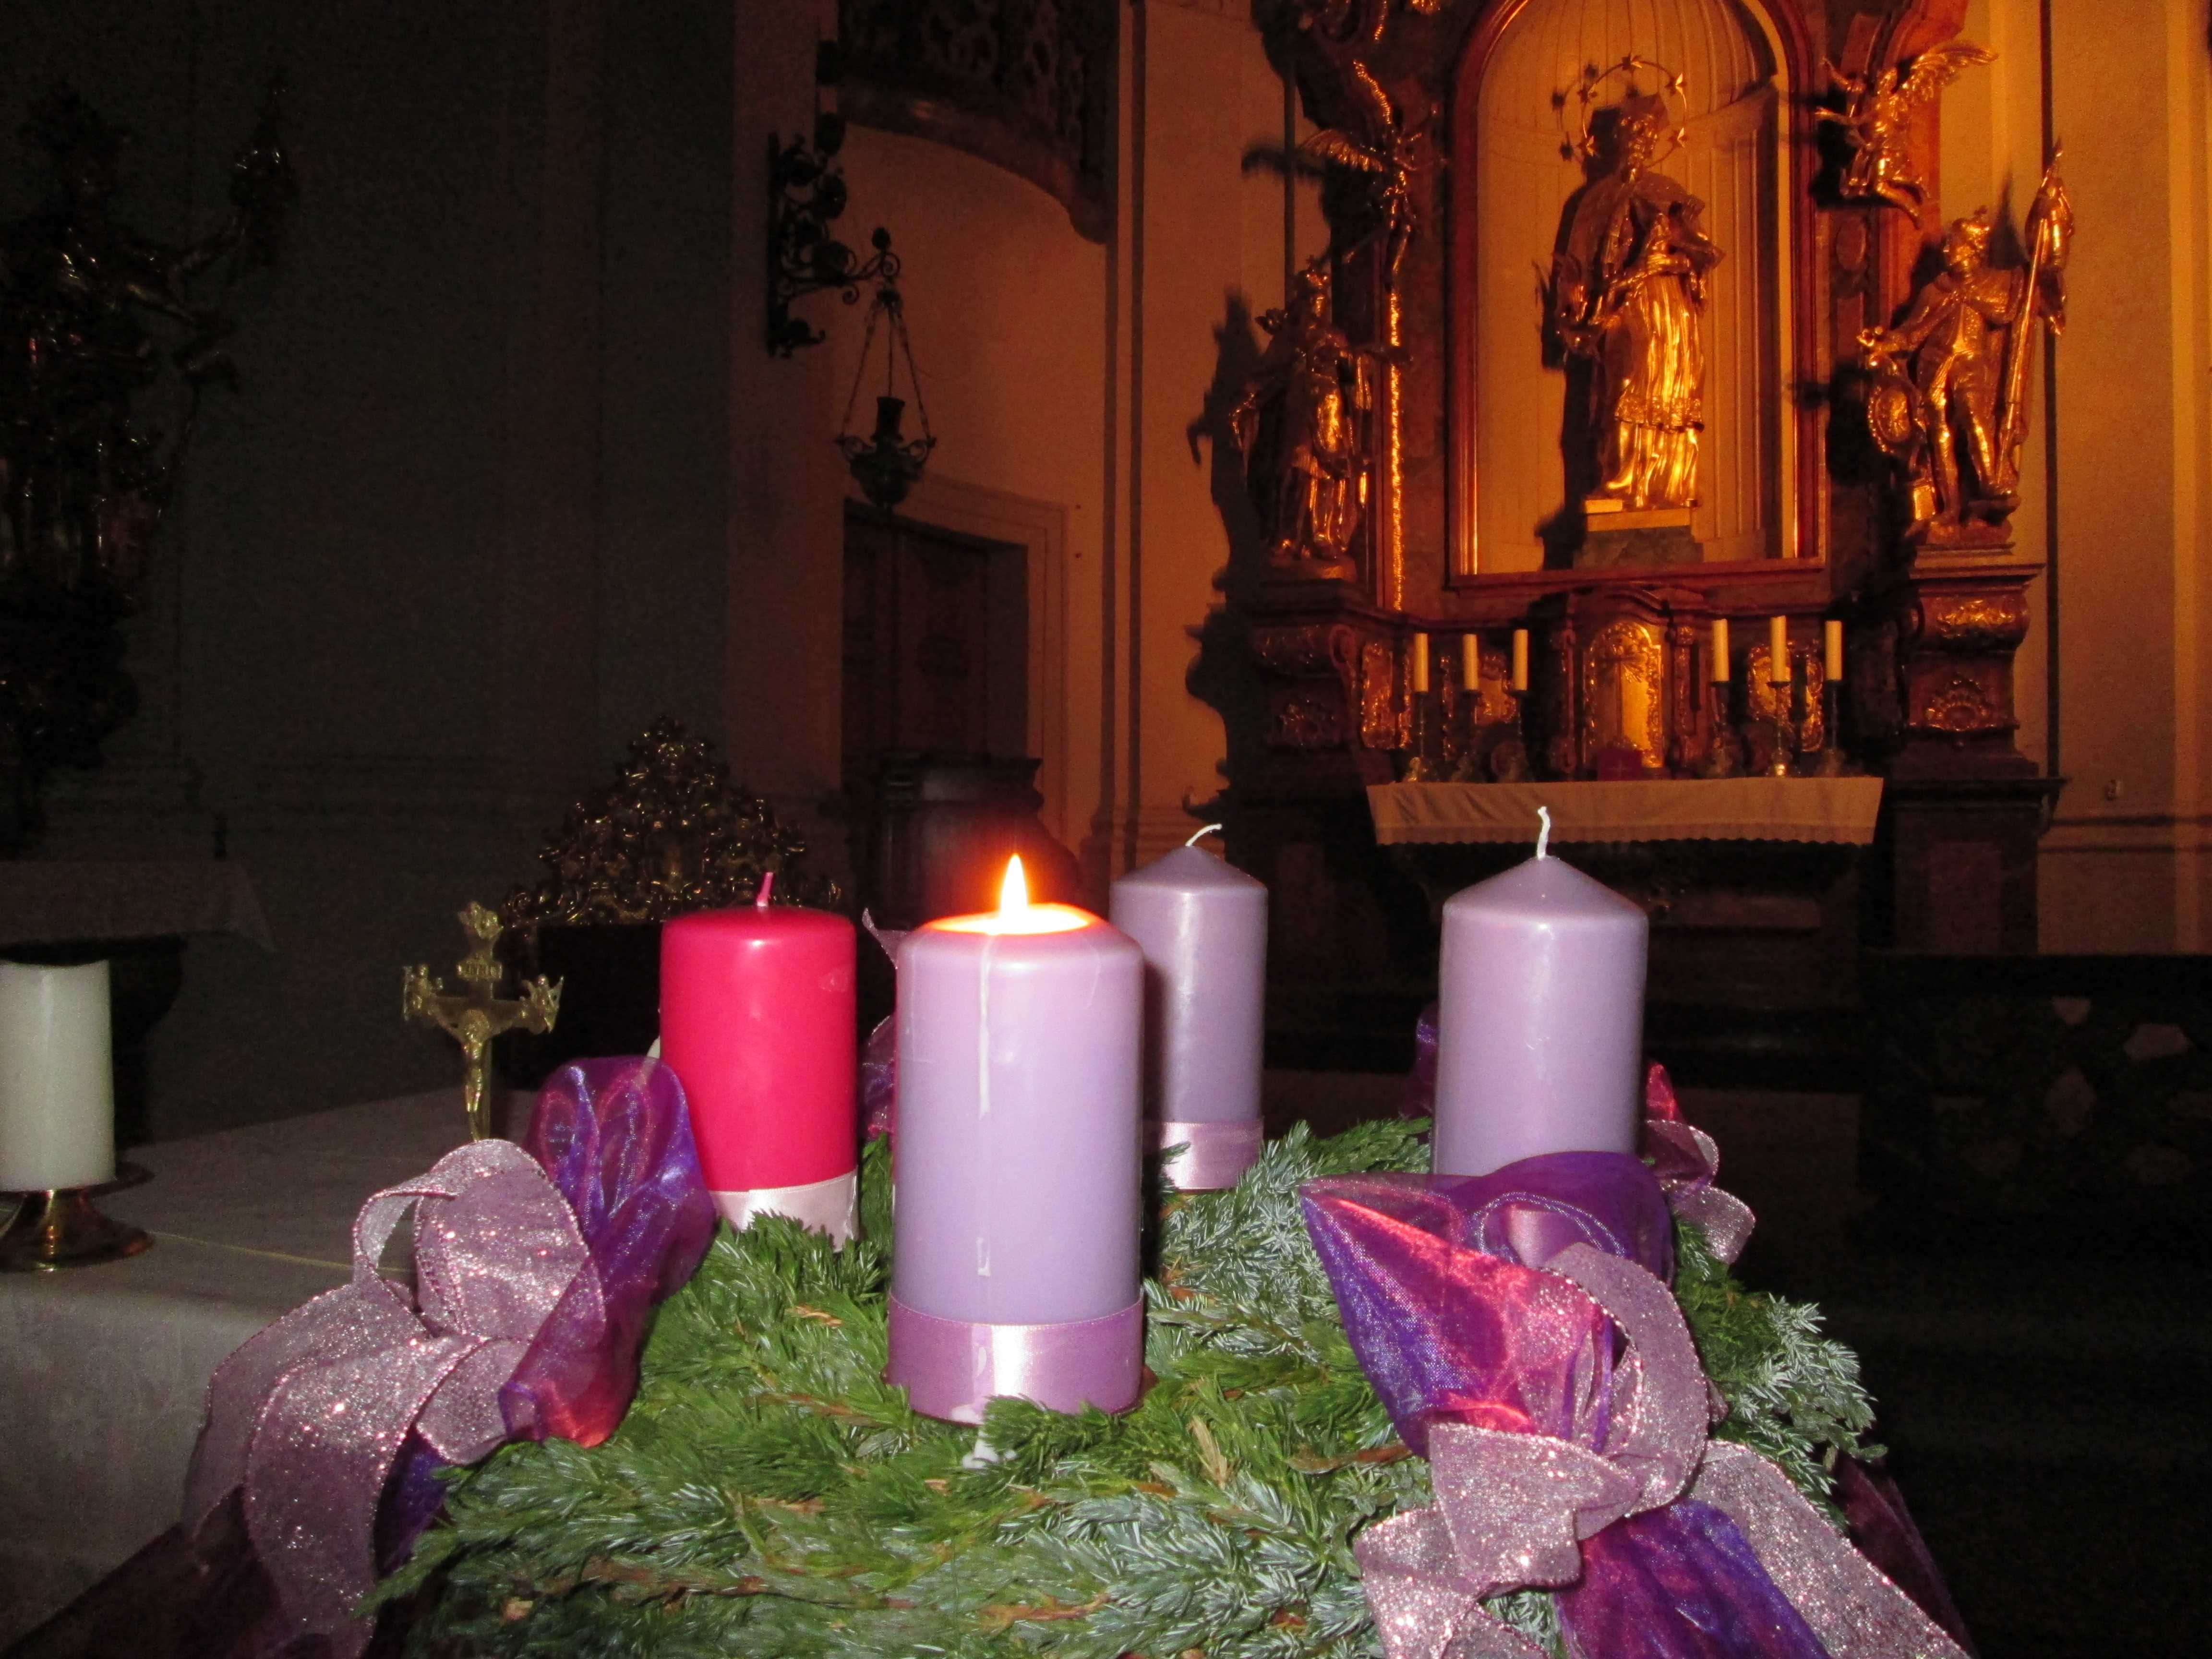 Adventskranz katholische kirche